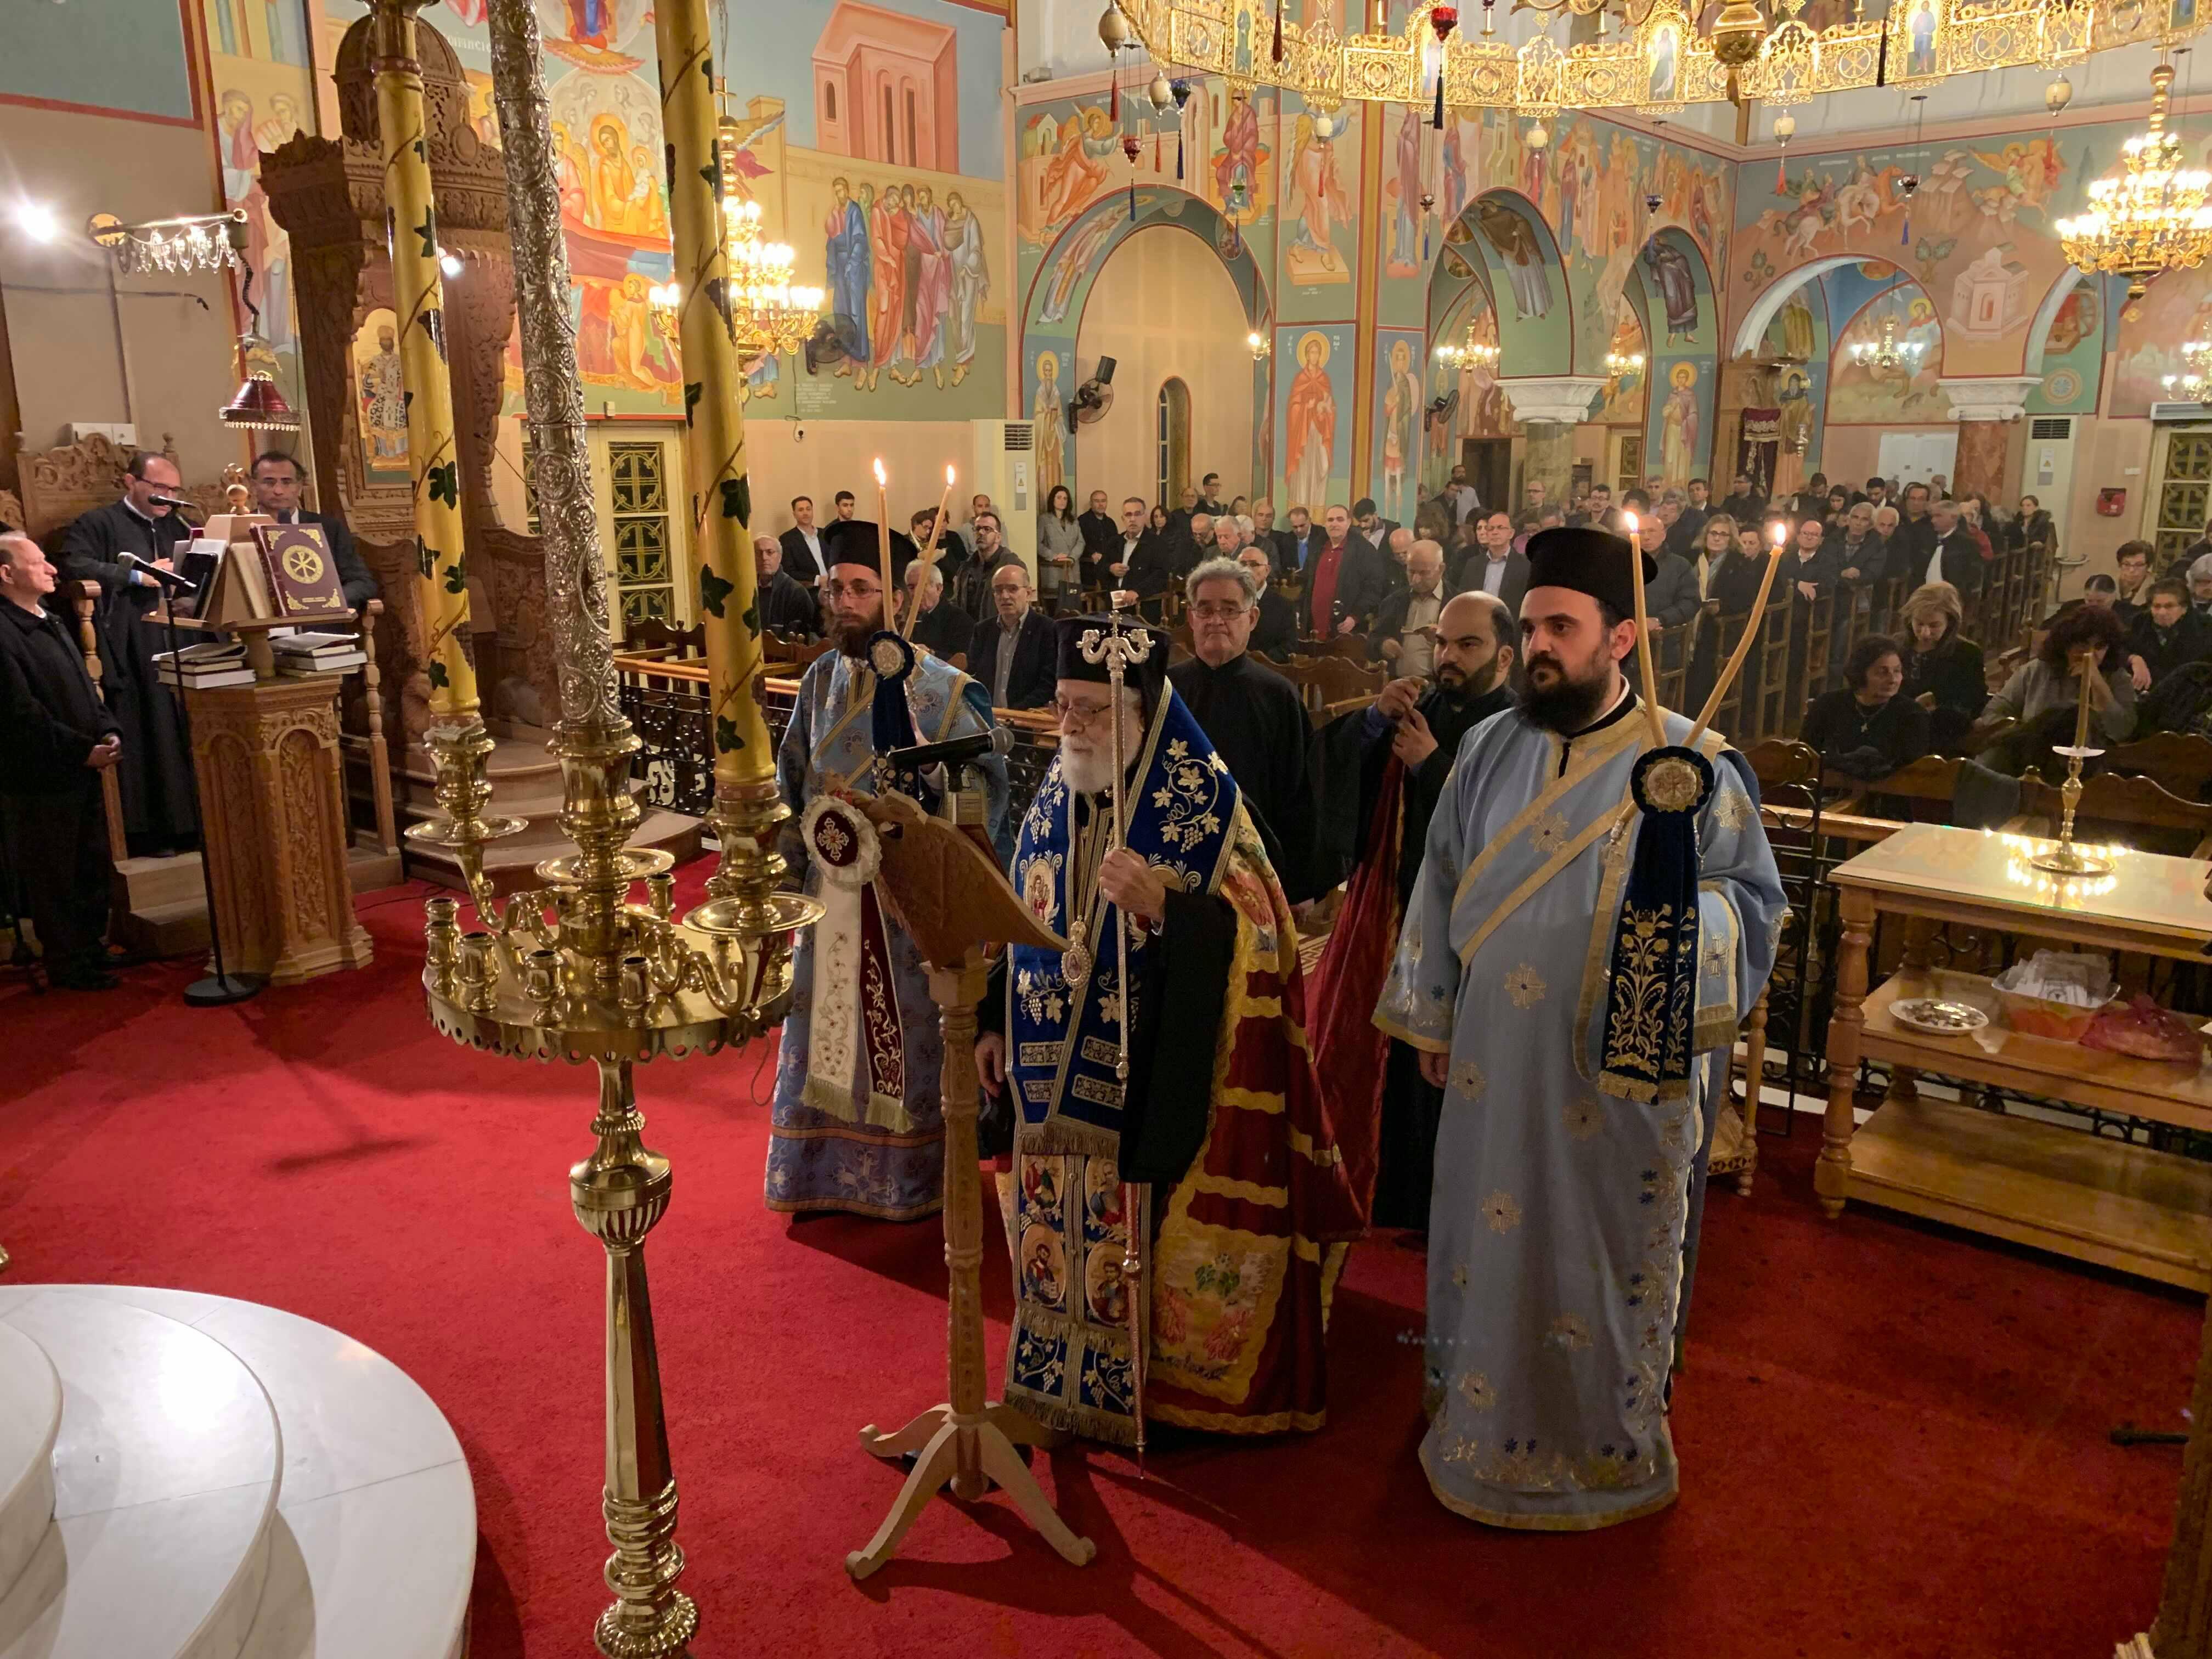 Πρώτη ακολουθία των Χαιρετισμών στην ενορία του Αγίου Δημητρίου Παραλιμνίου